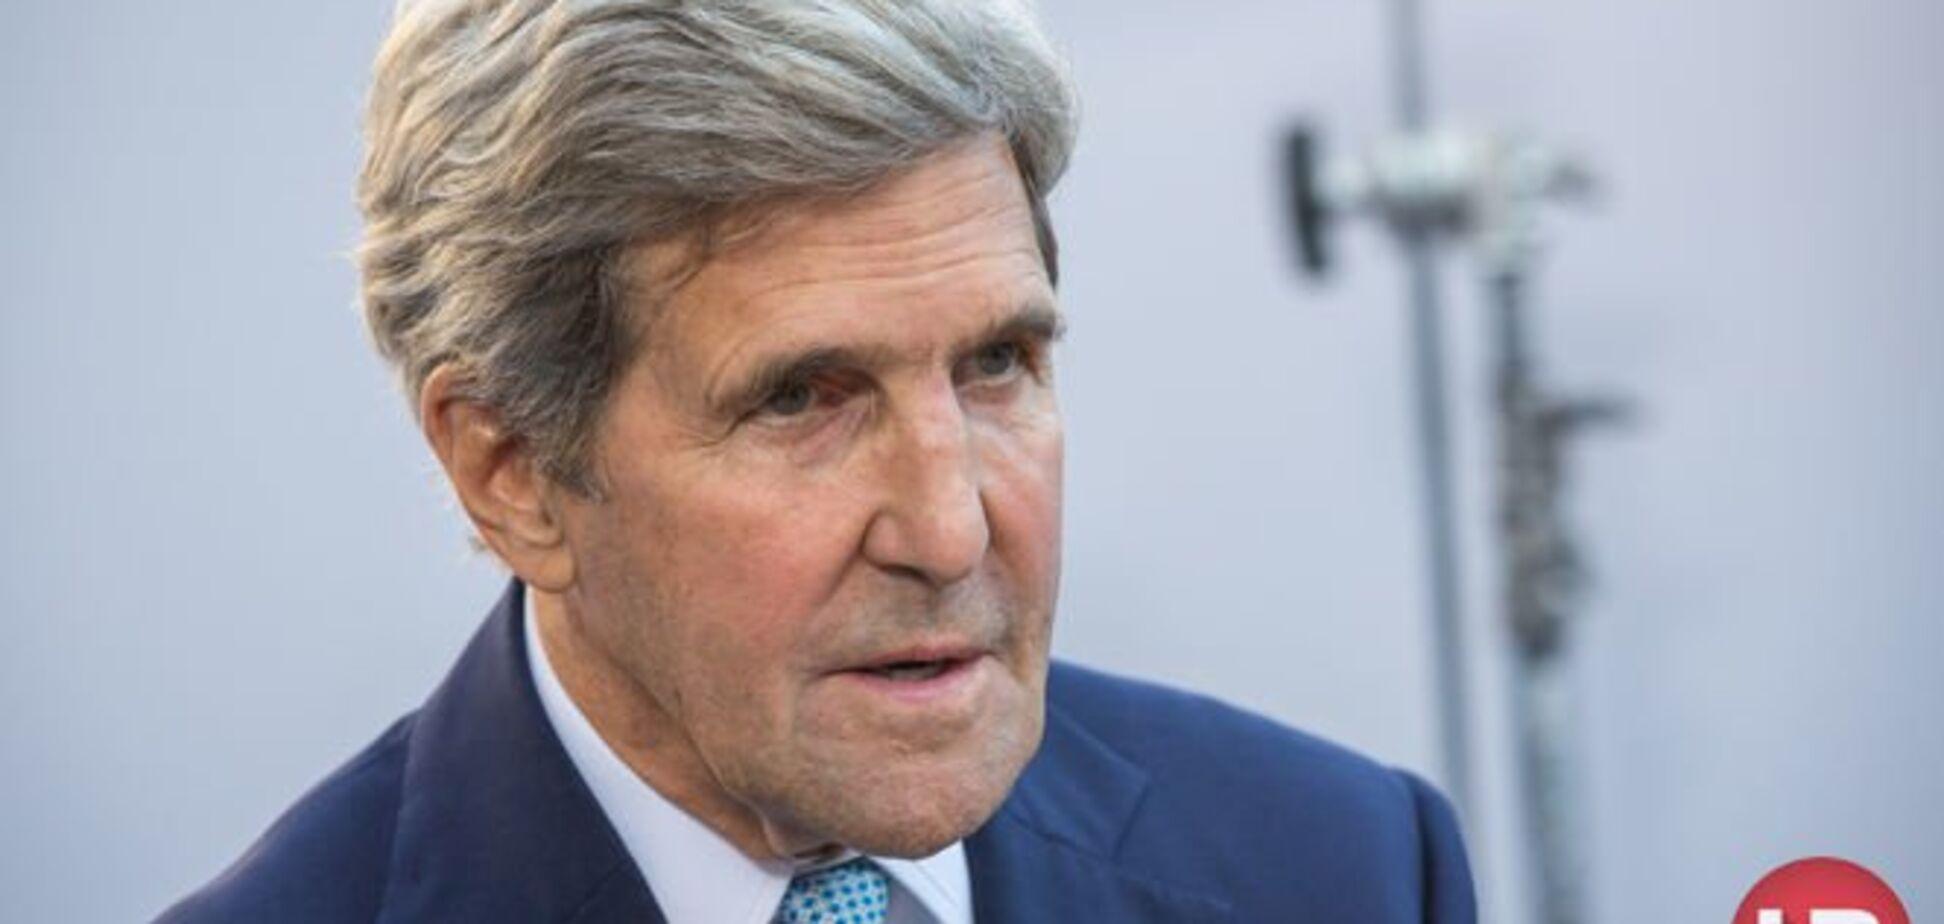 'Мне кажется, глупо': экс-госсекретарь США высказался о российском 'миротворчестве' на Донбассе